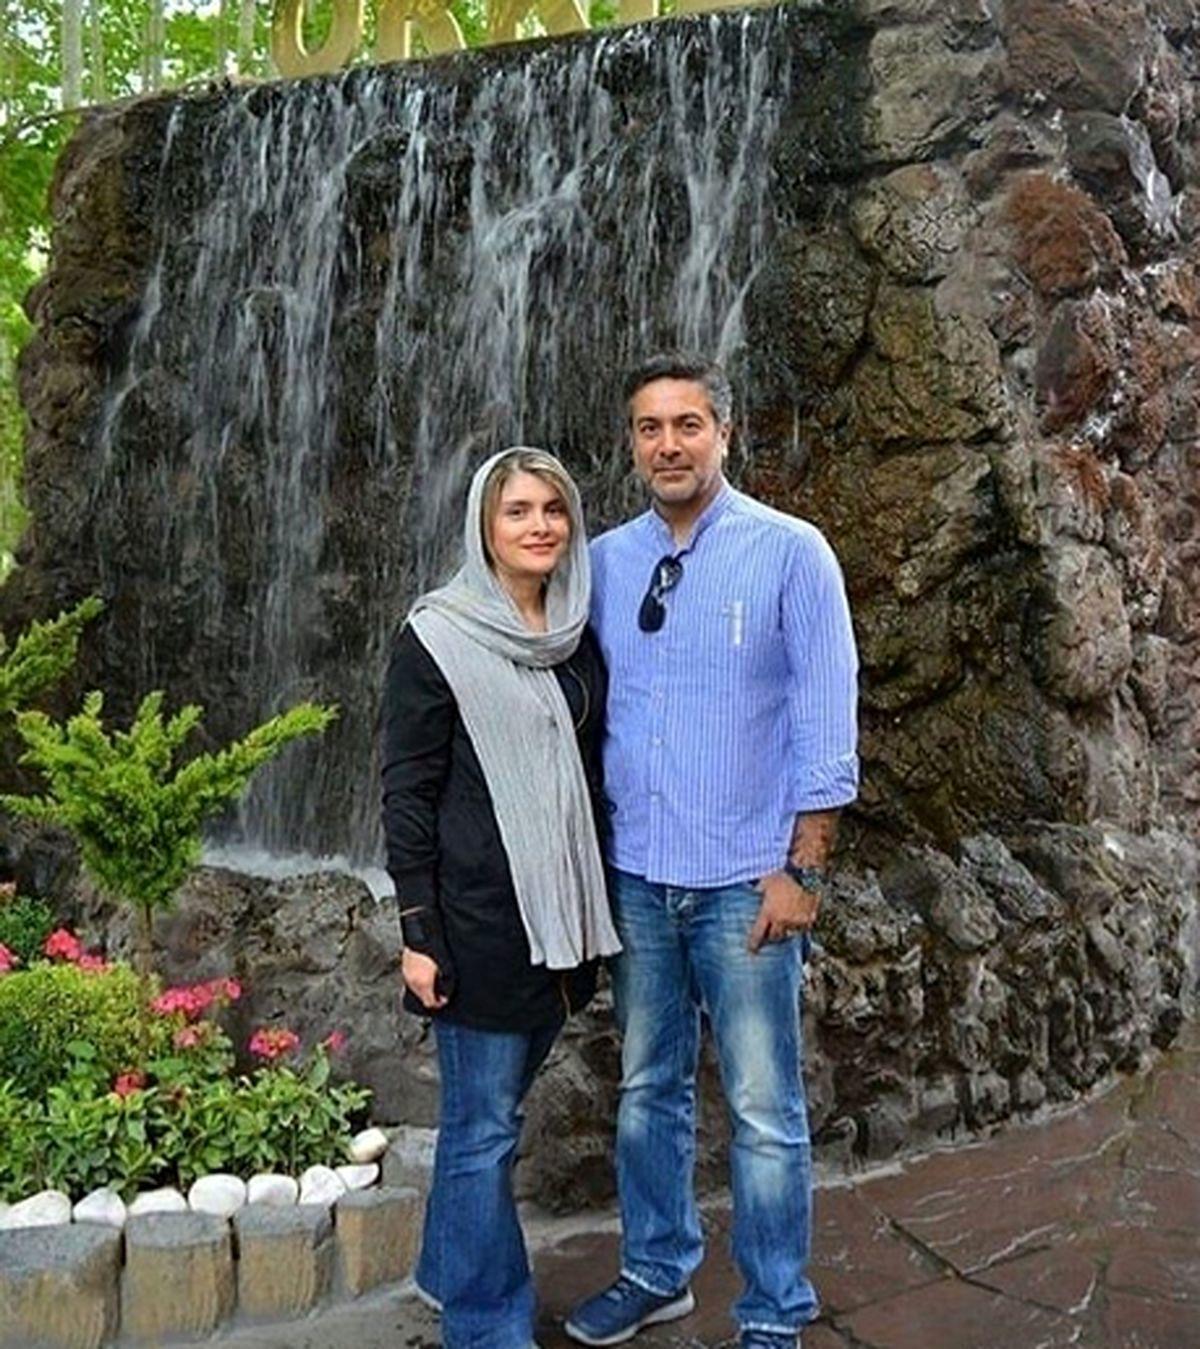 همسر جوان و بلوند حمیدرضا پگاه + عکس